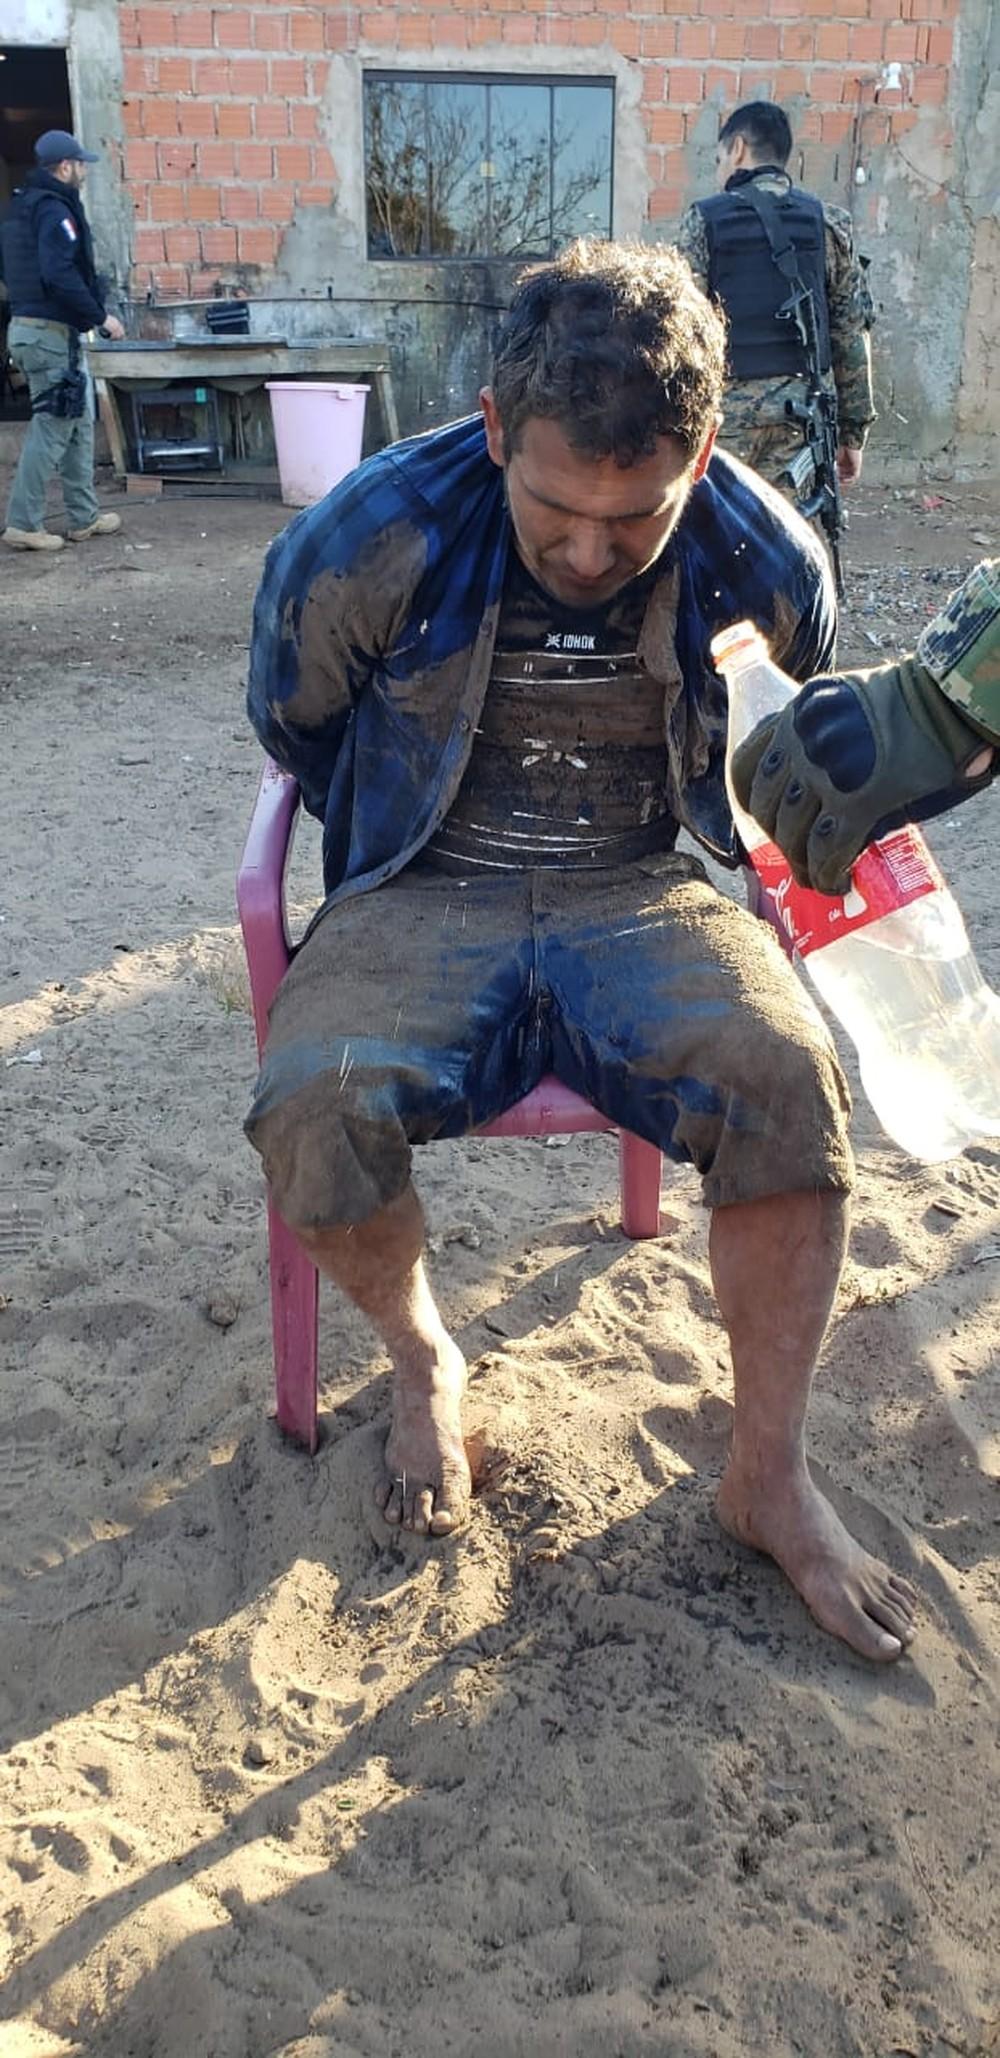 Fredy Ariel Irala Fernandez preso na fronteira do Brasil — Foto: Polícia Nacional Paraguai/Divulgação.